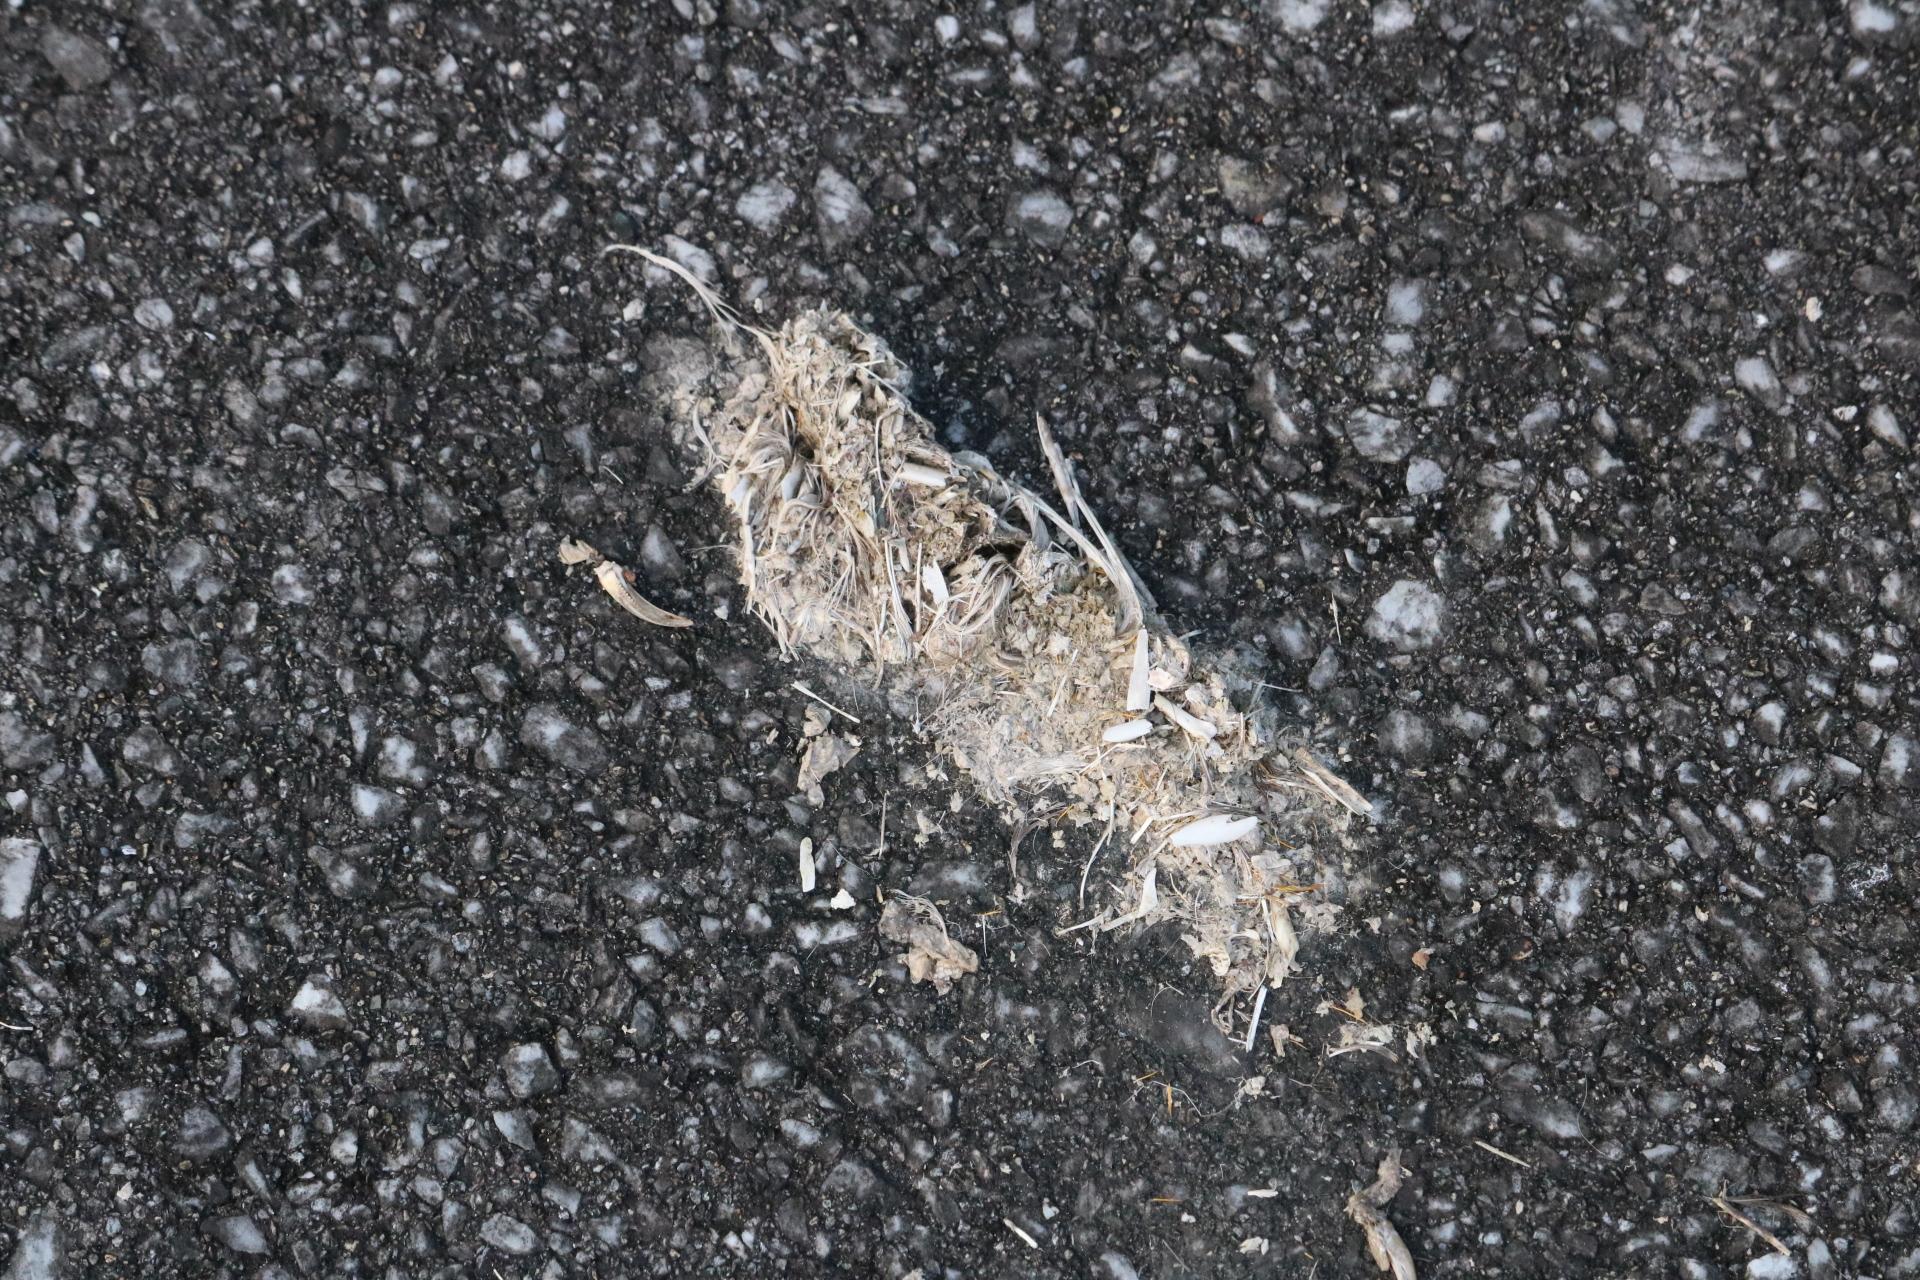 イリオモテヤマネコの糞